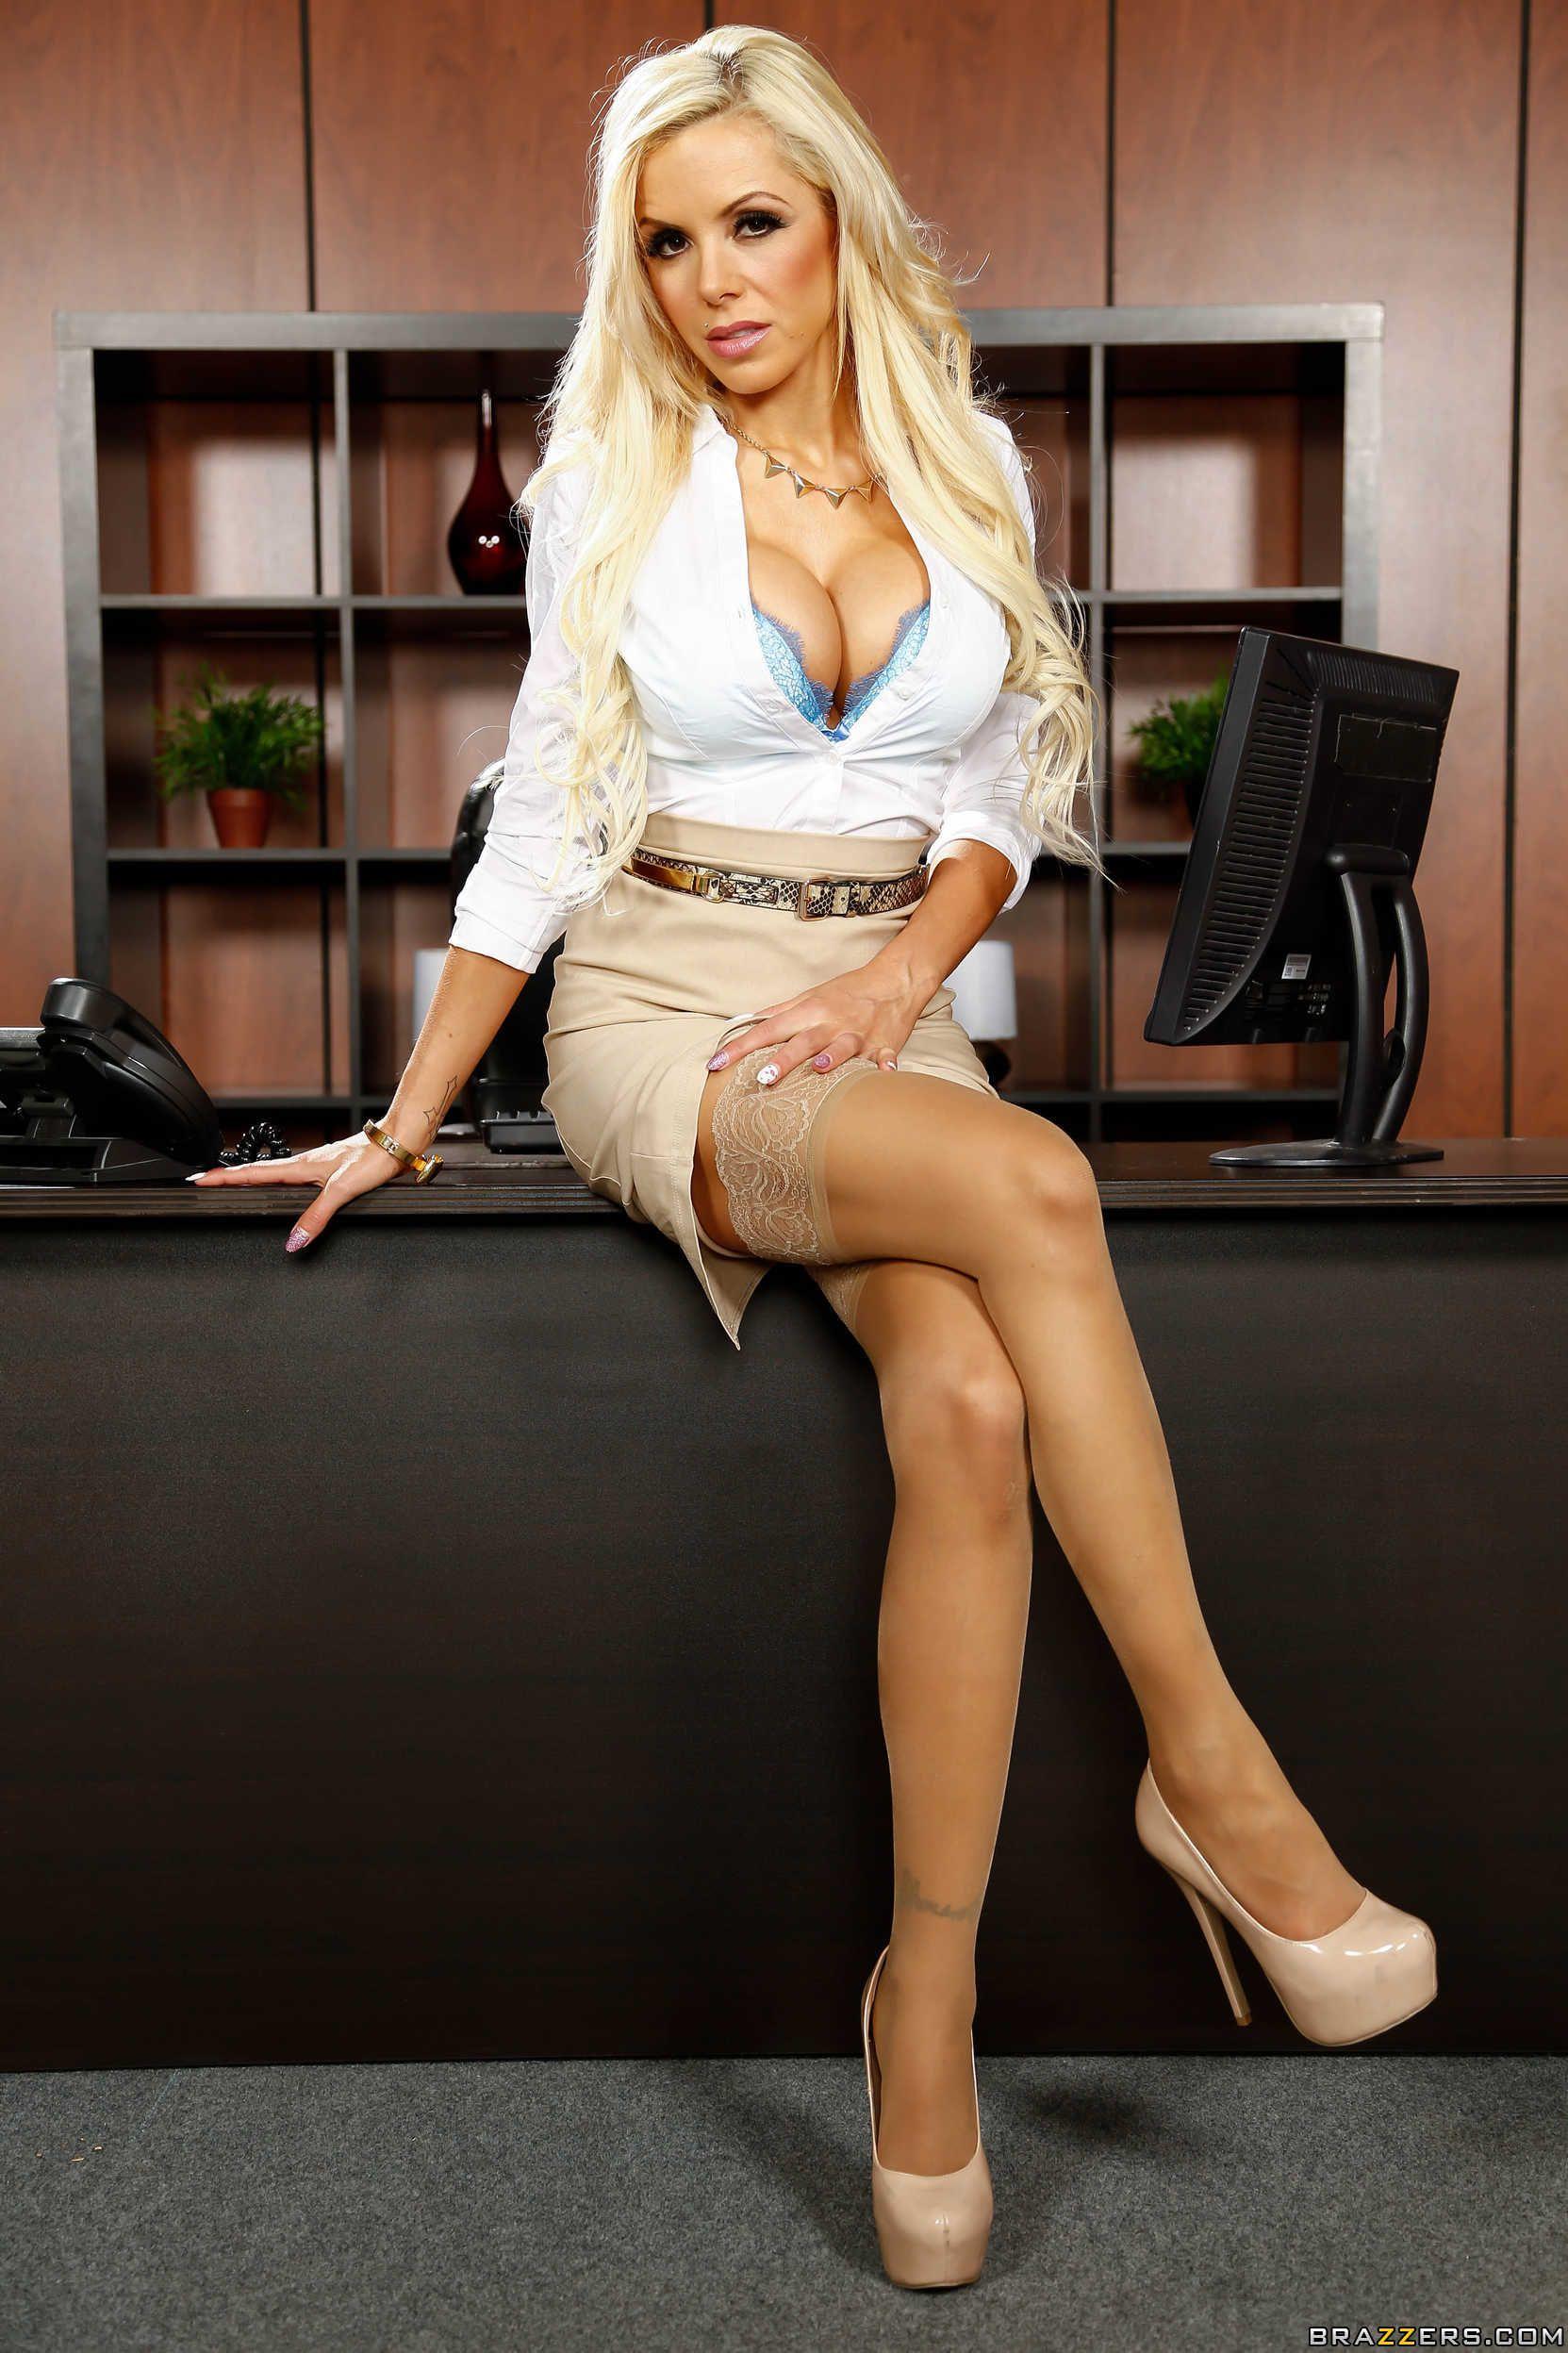 Blonde milf Nina Elle on BBC